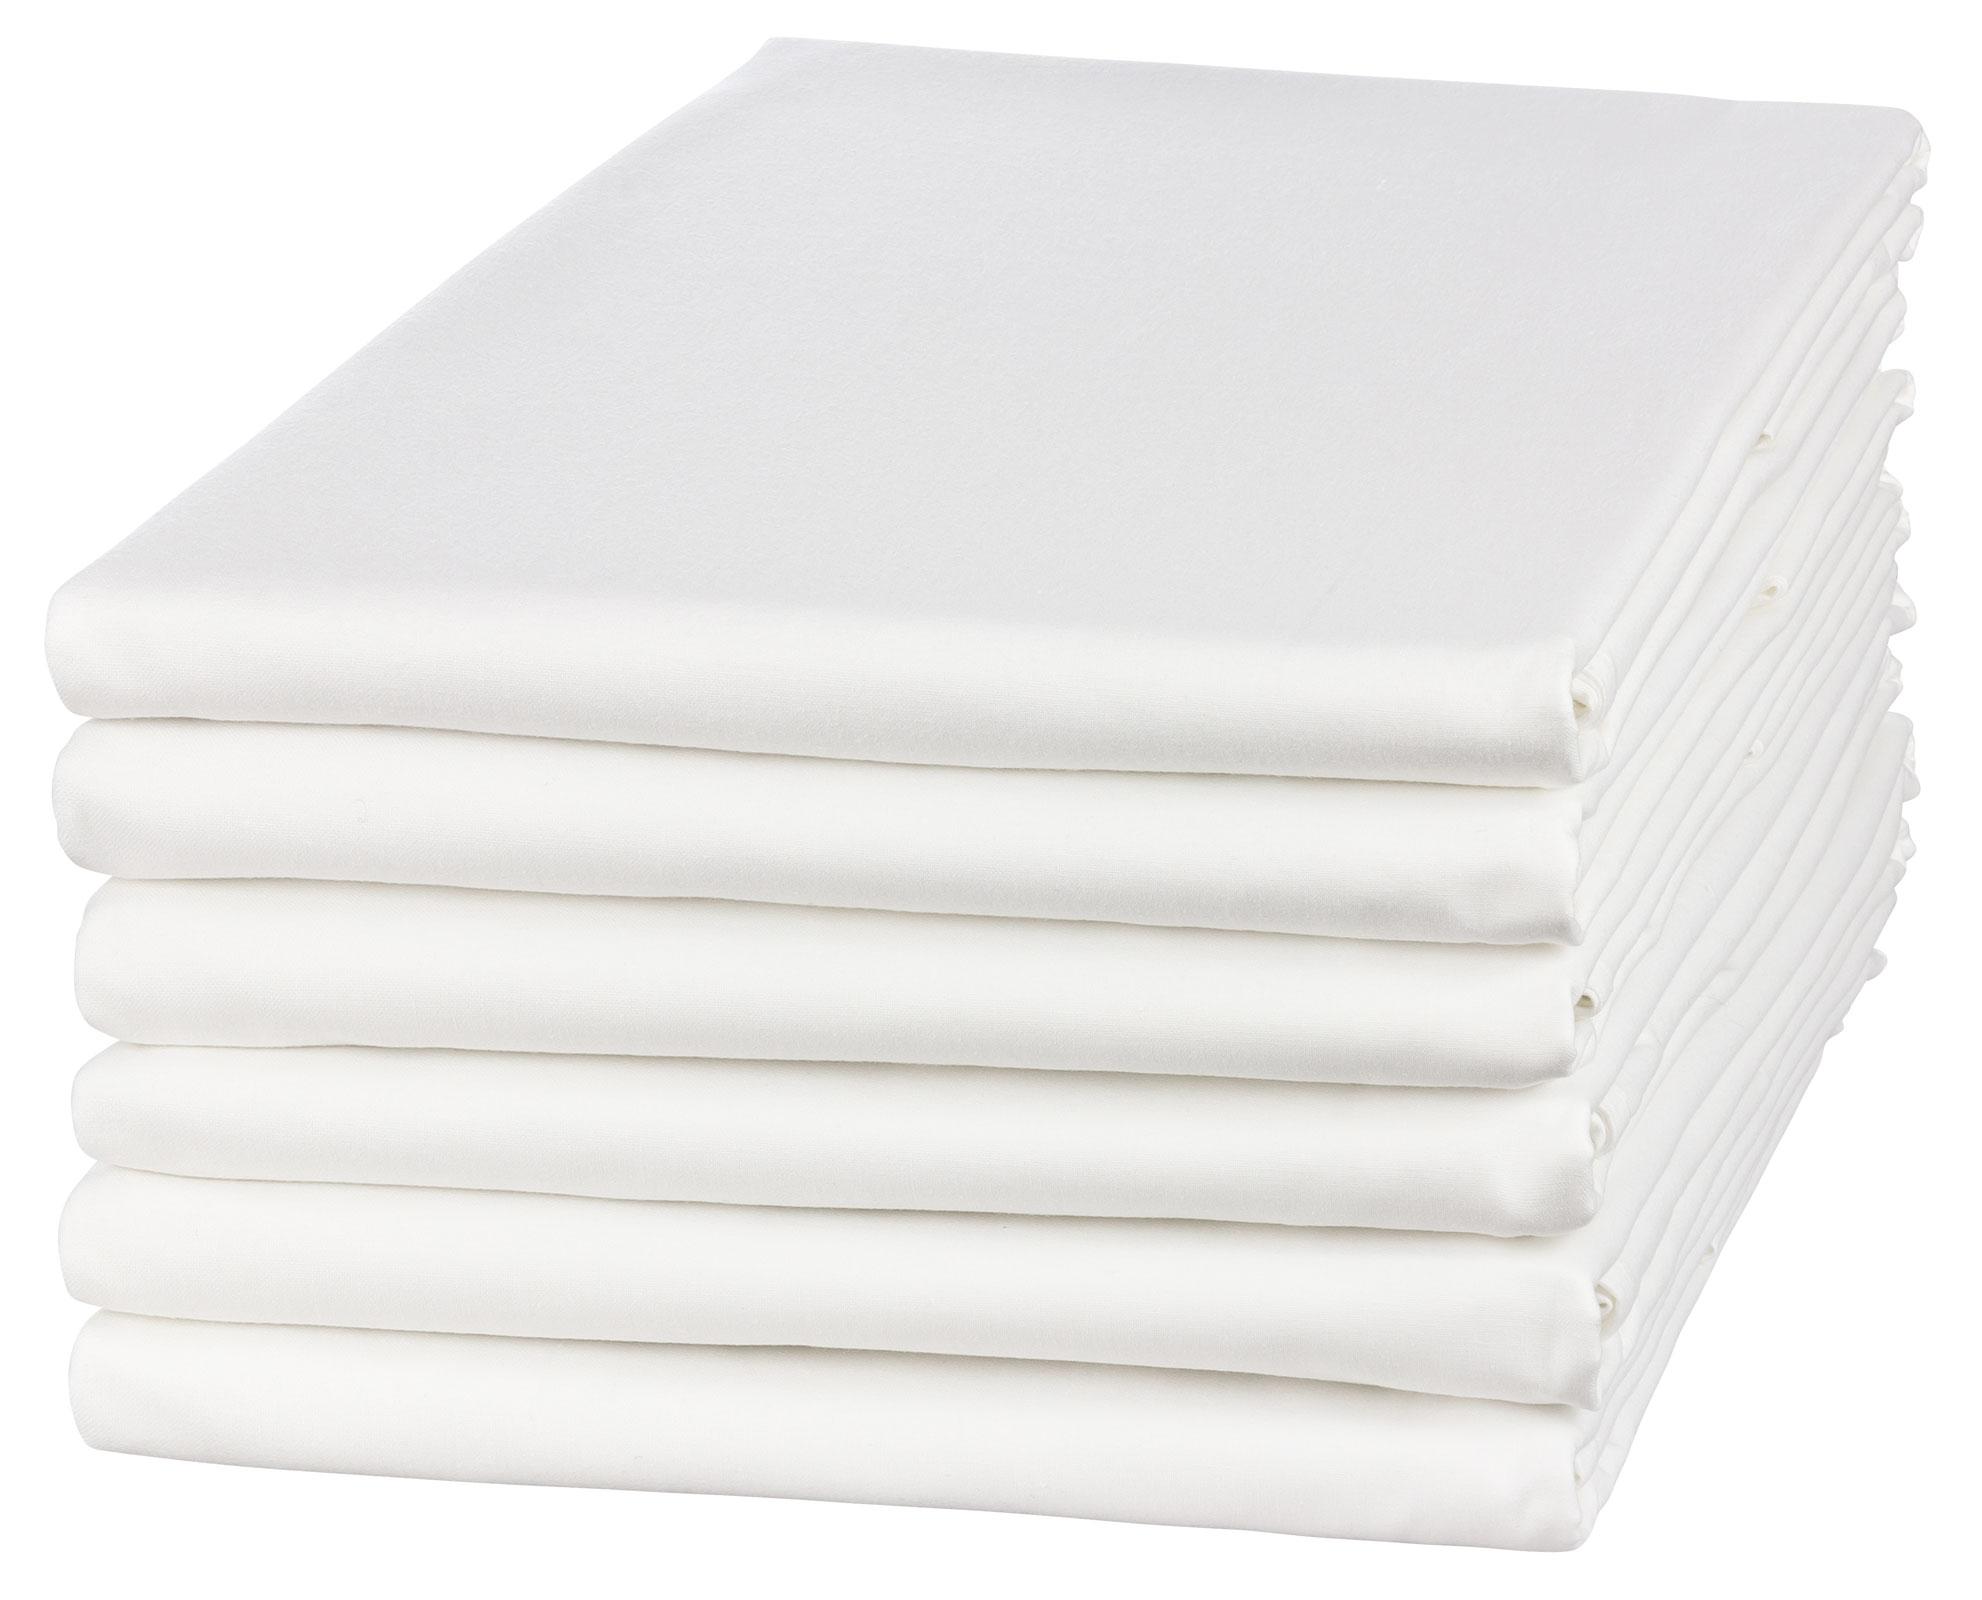 Bettwäsche - Betttuch Bettlaken 150x250 cm weiß ohne Gummizug aus 100 Baumwolle ca. 140g m²  - Onlineshop PremiumShop321